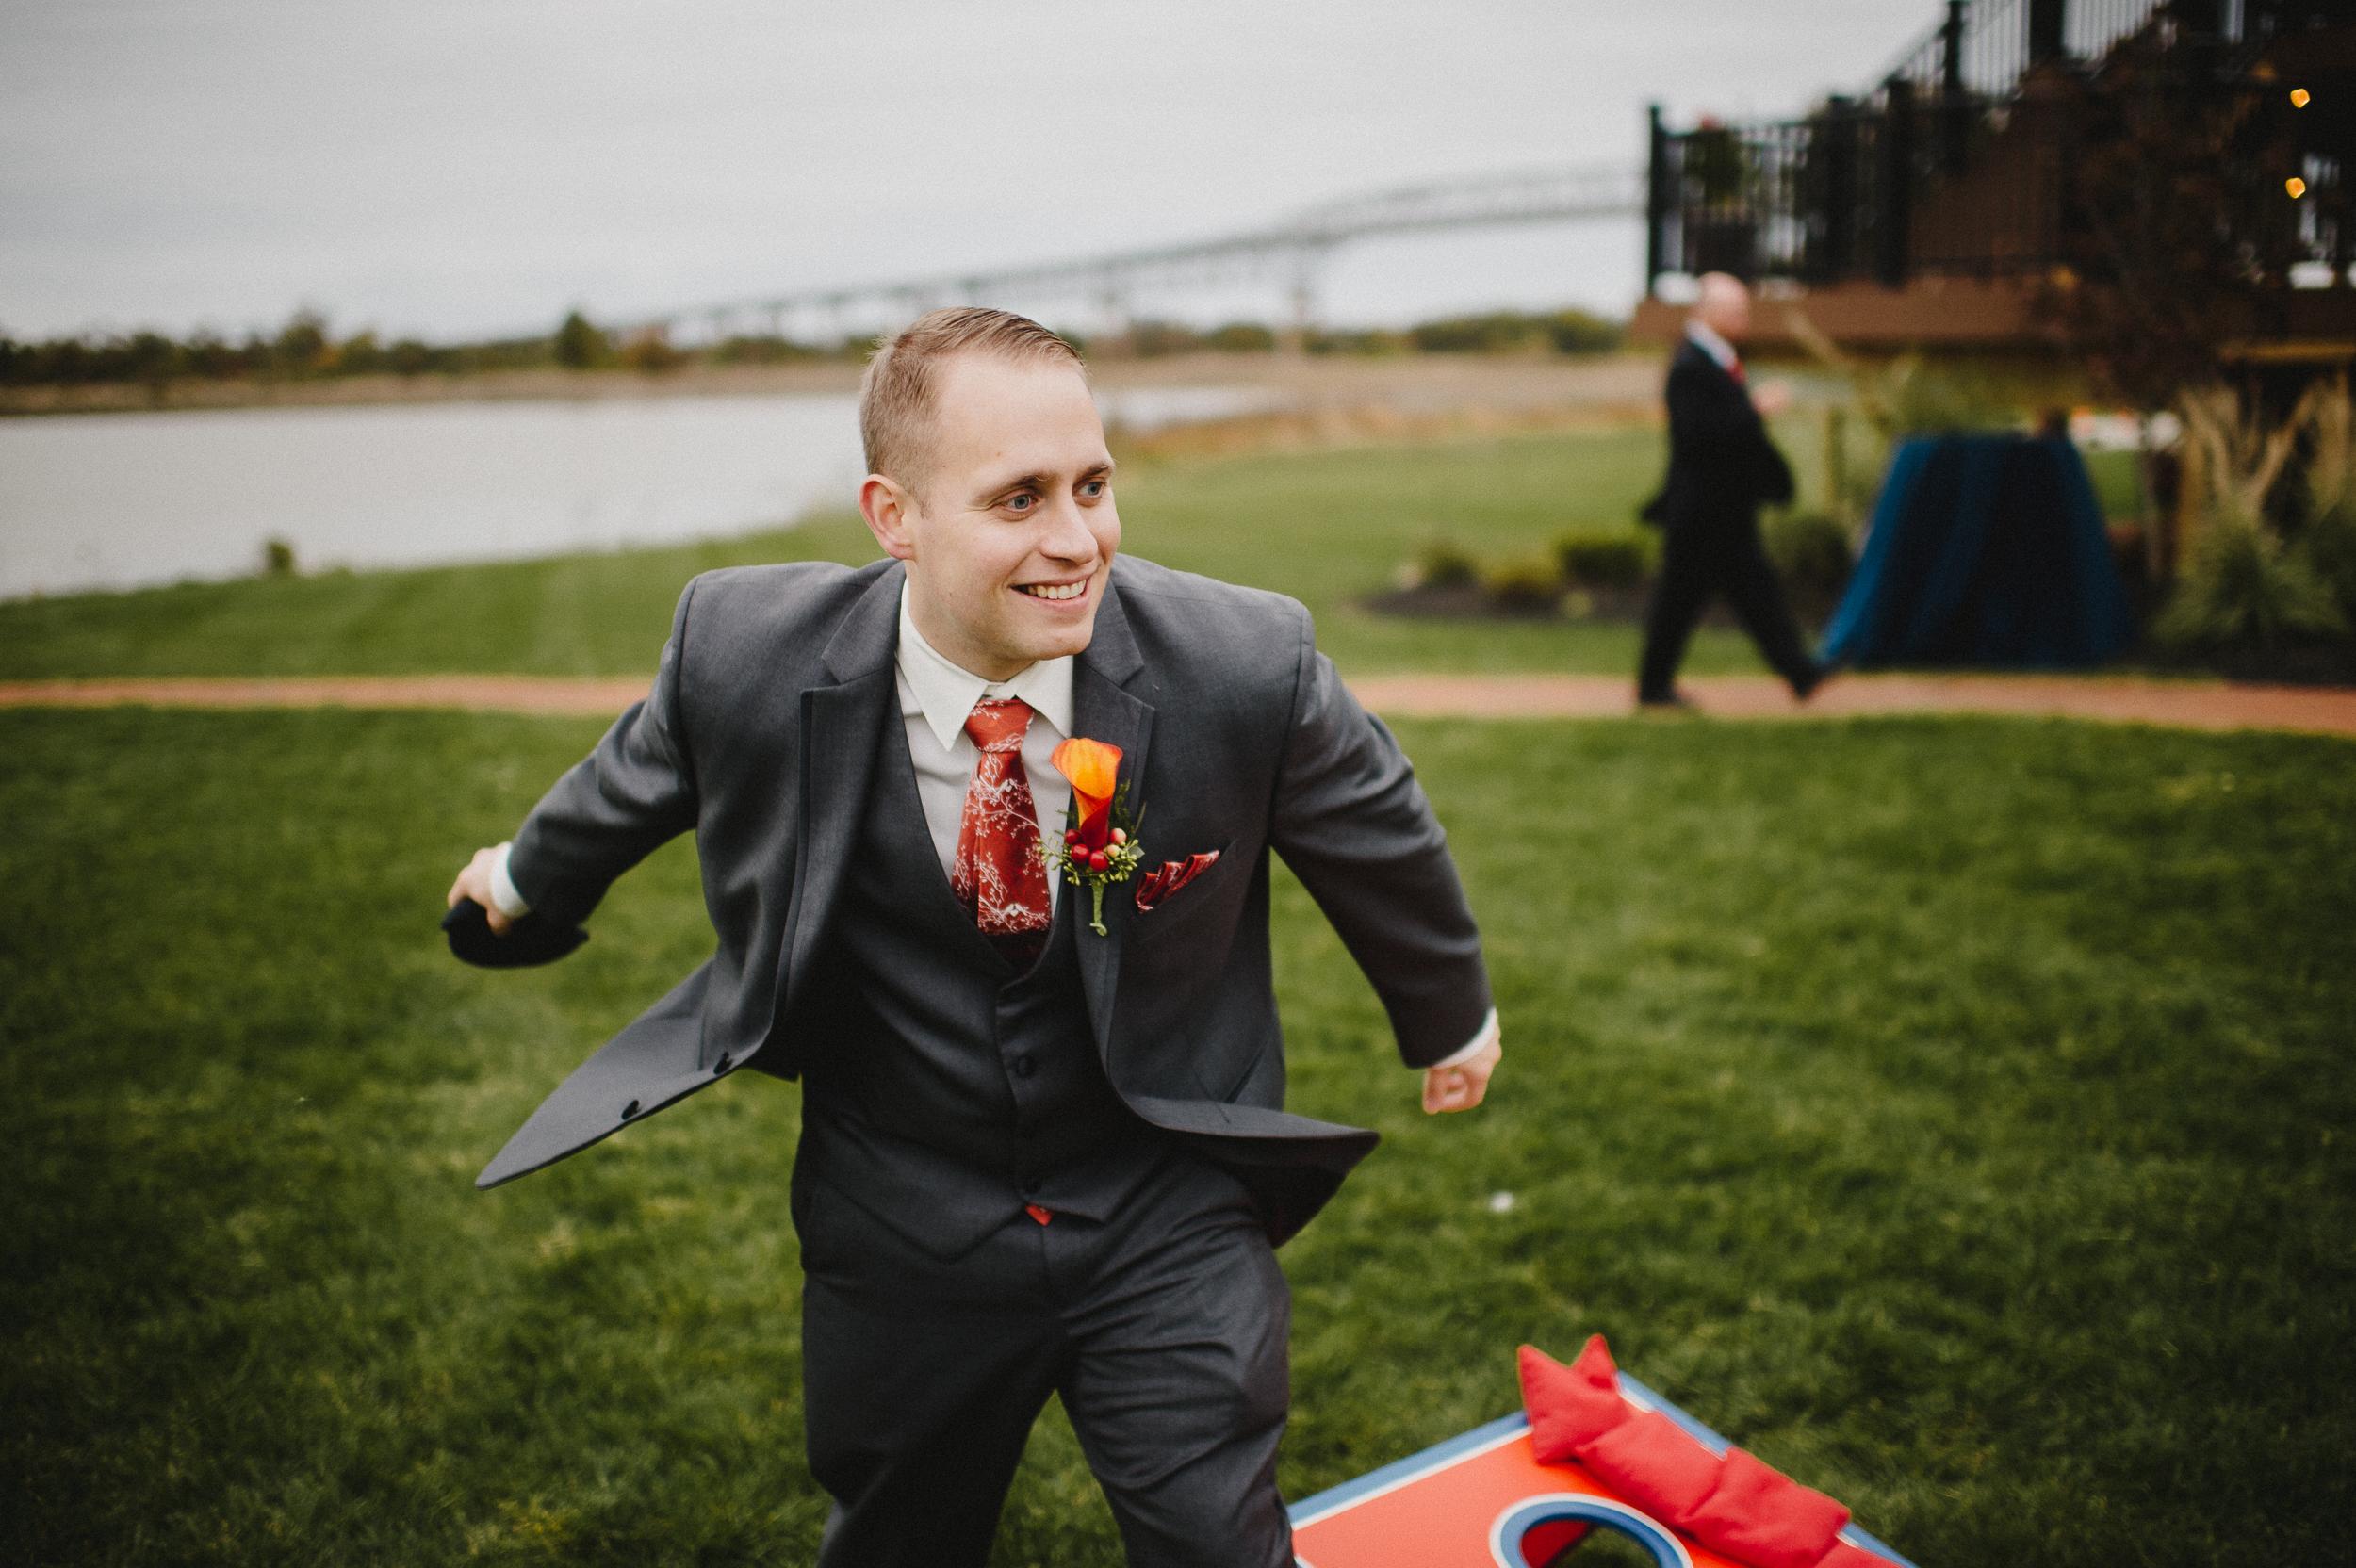 thousand-acre-farm-wedding-photographer-71.jpg